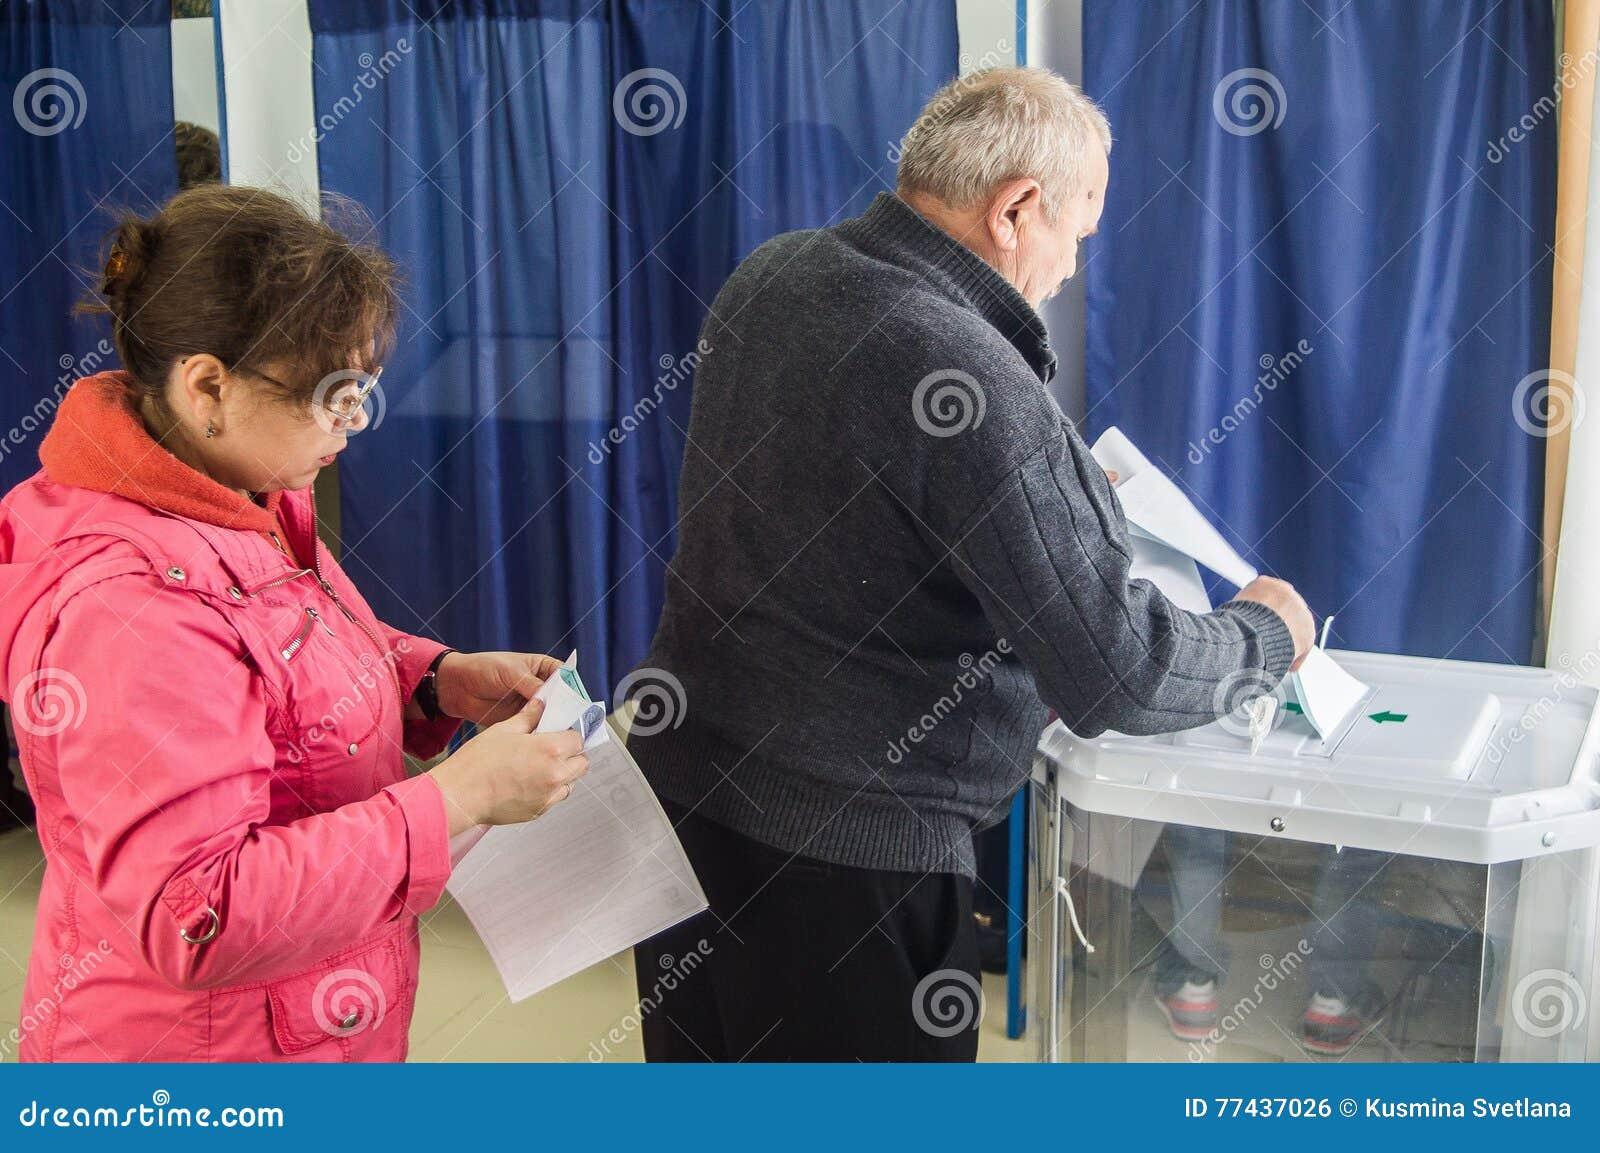 Избрания к Государственной Думе Российской Федерации 18-ое сентября 2016 в зоне Kaluga